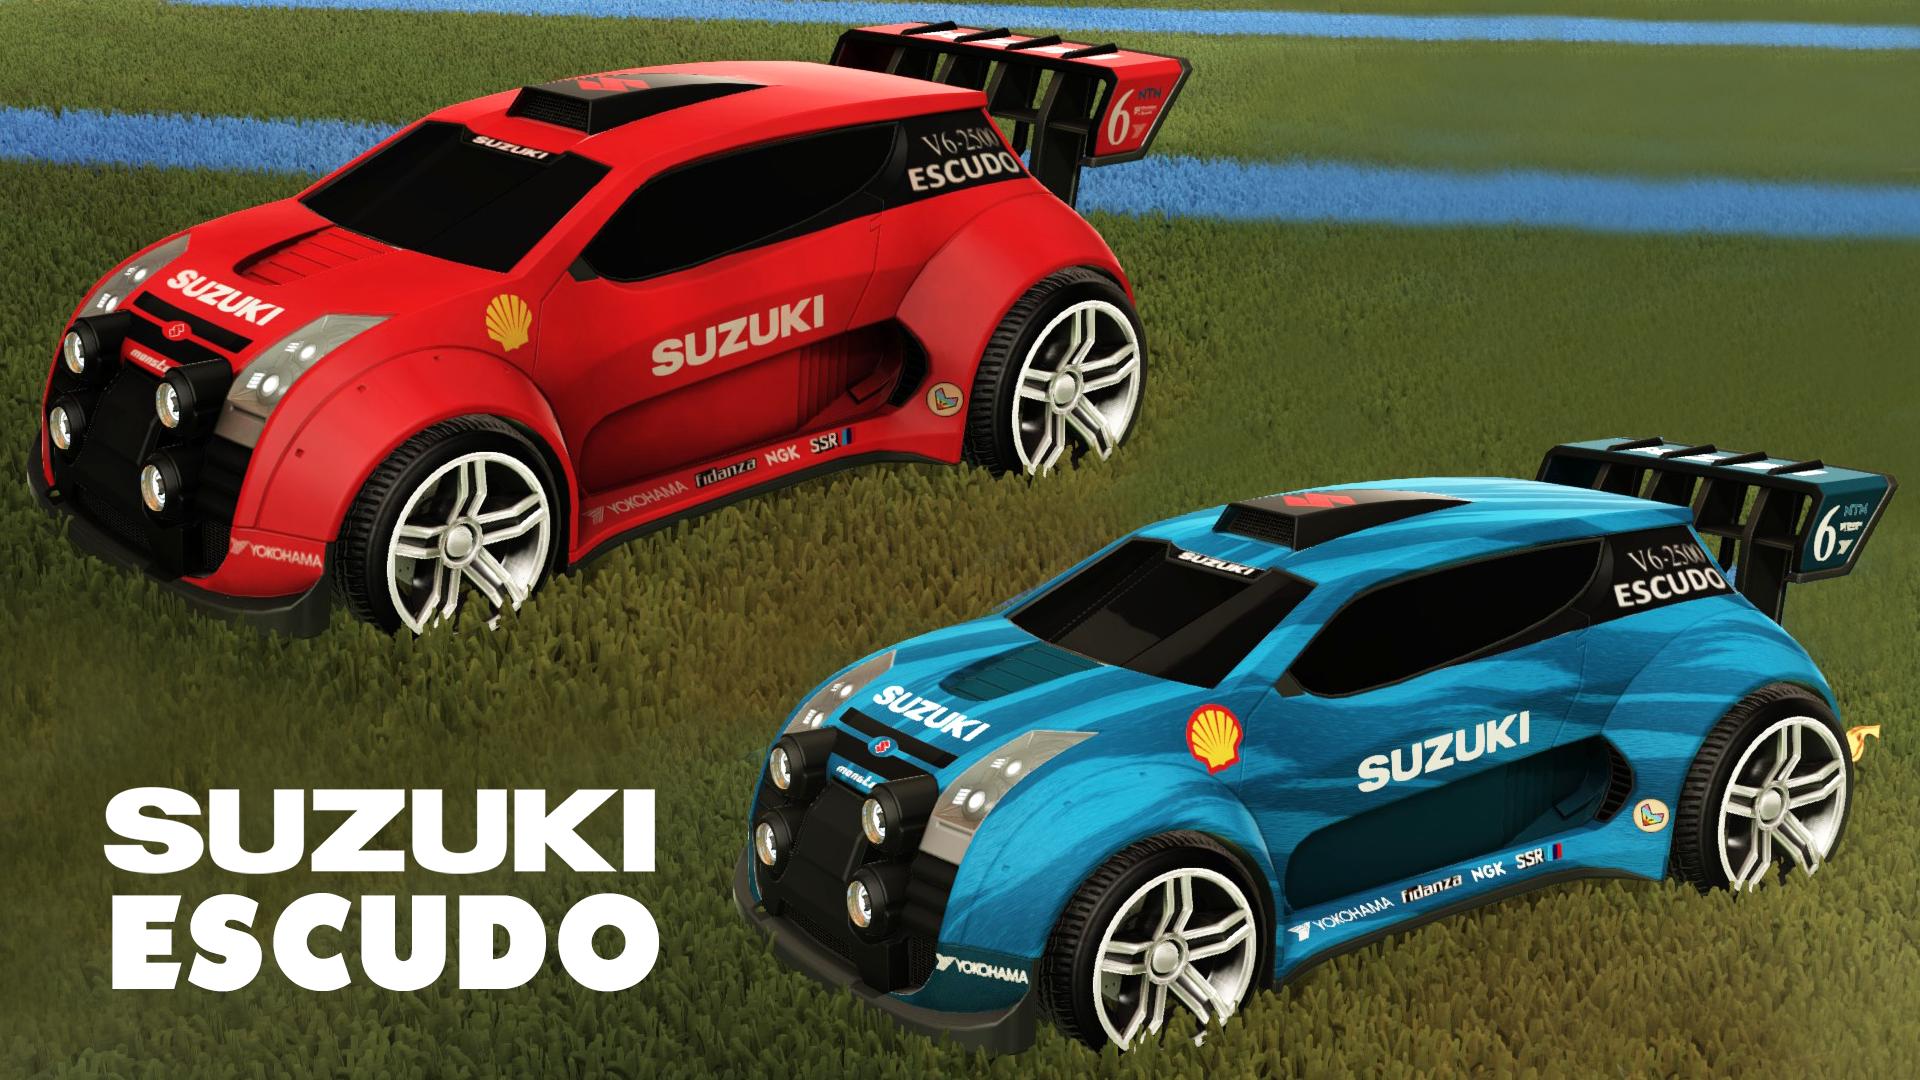 Fast 4WD: 1996 Suzuki Escudo Pikes Peak